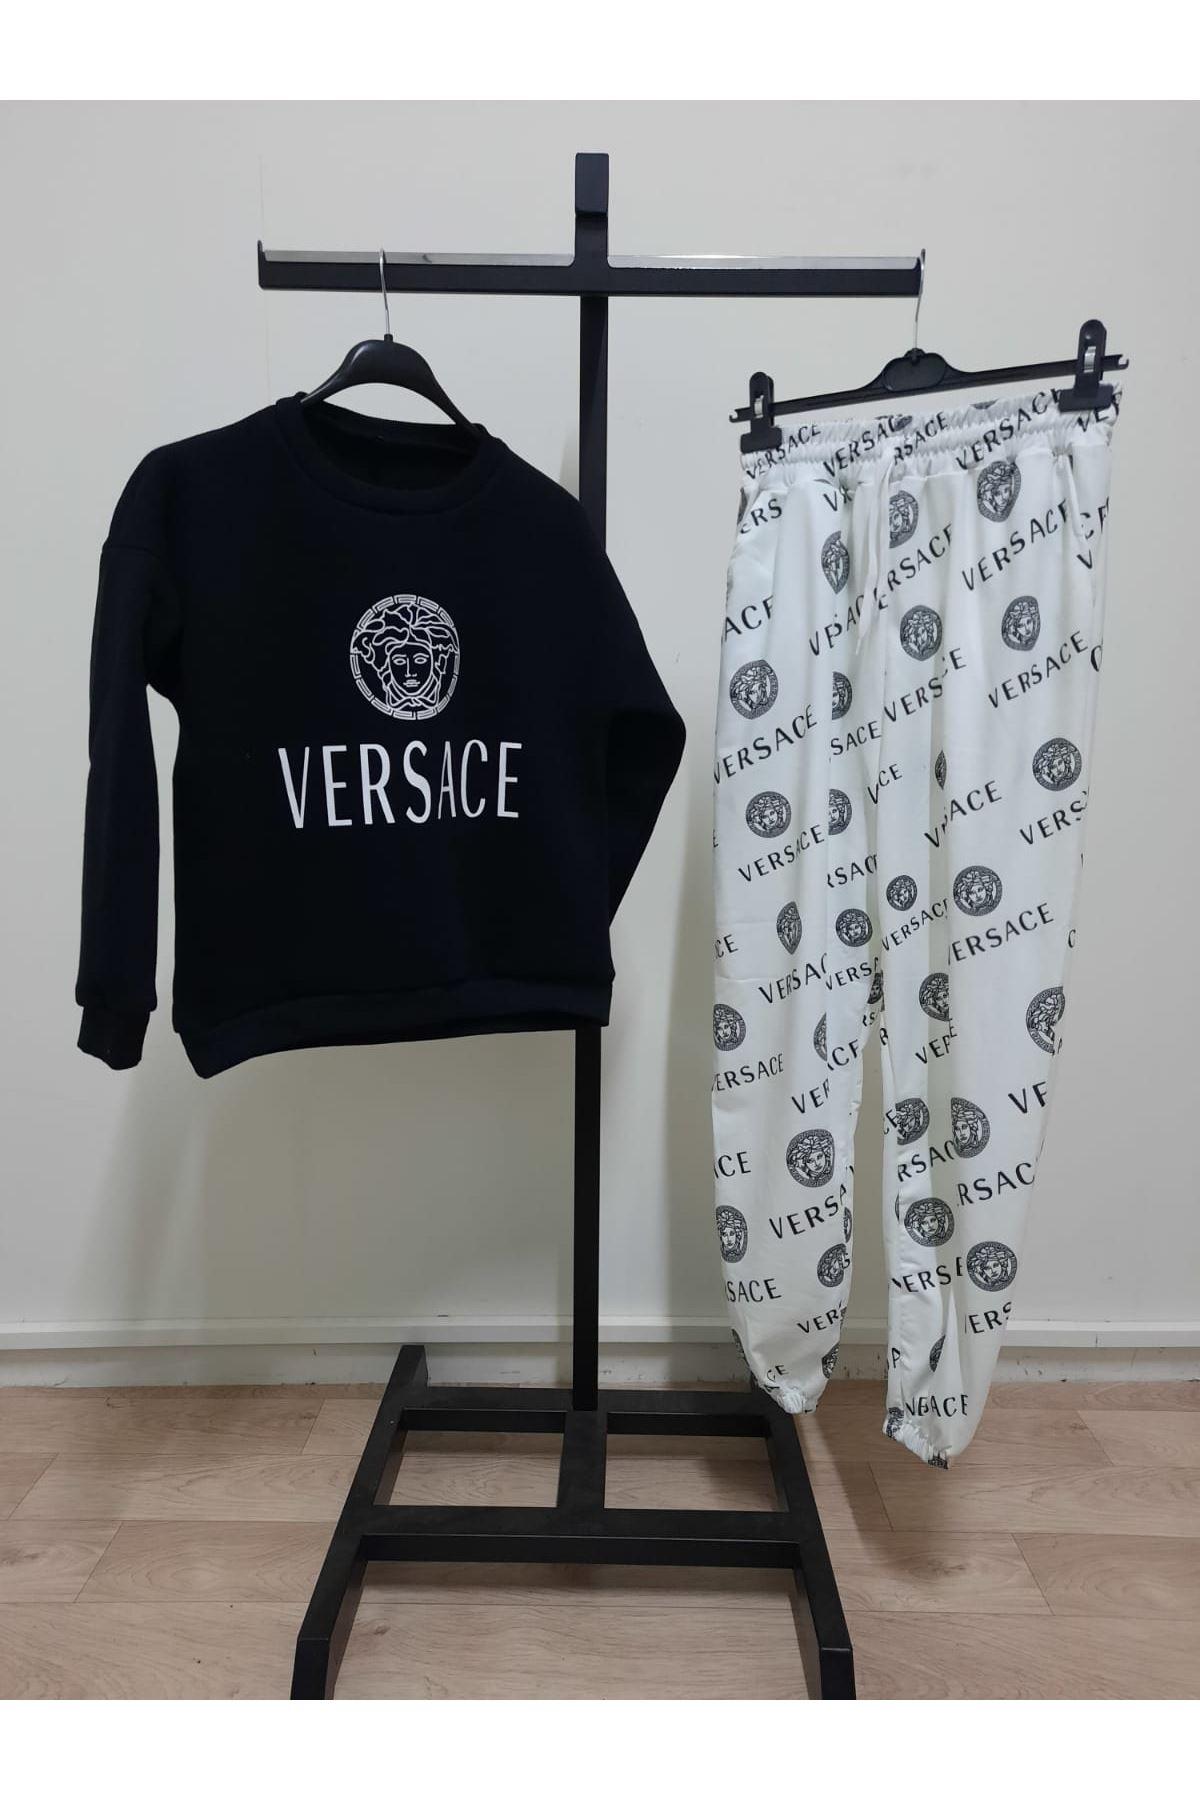 Dijital Versace Baskılı ikili Takım - siyah